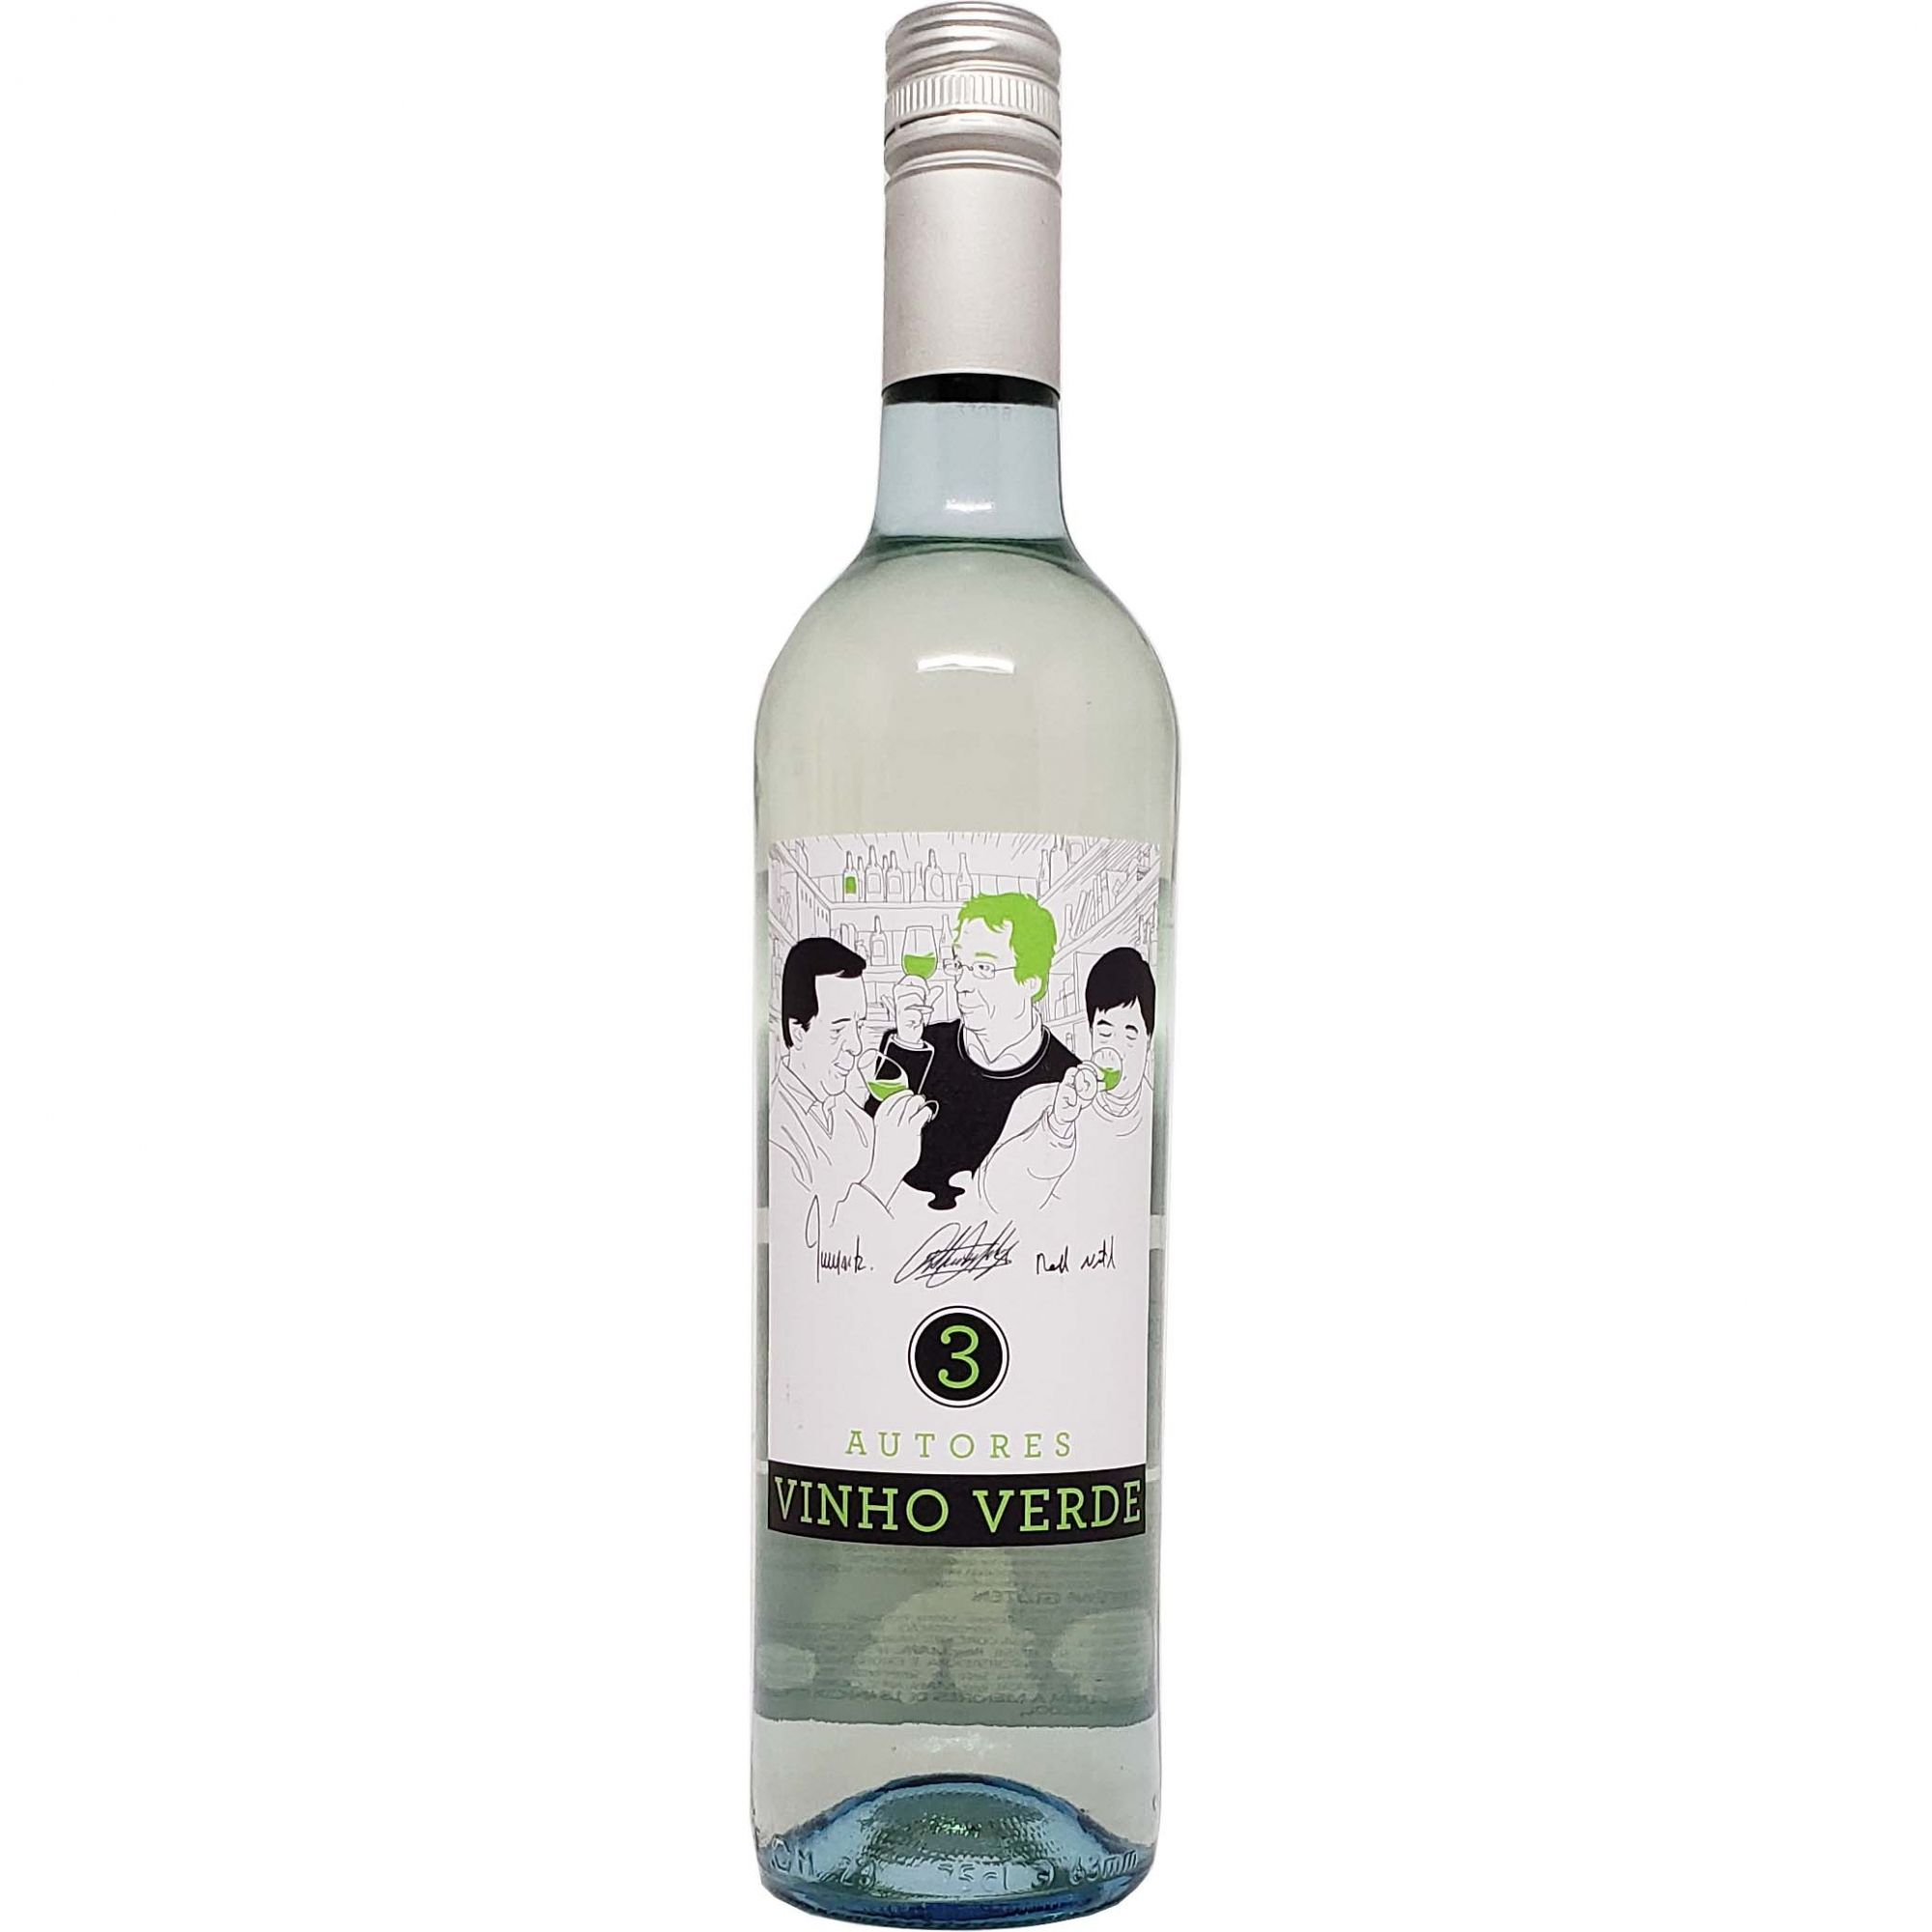 Vinho Verde 3 Autores - 750ml -